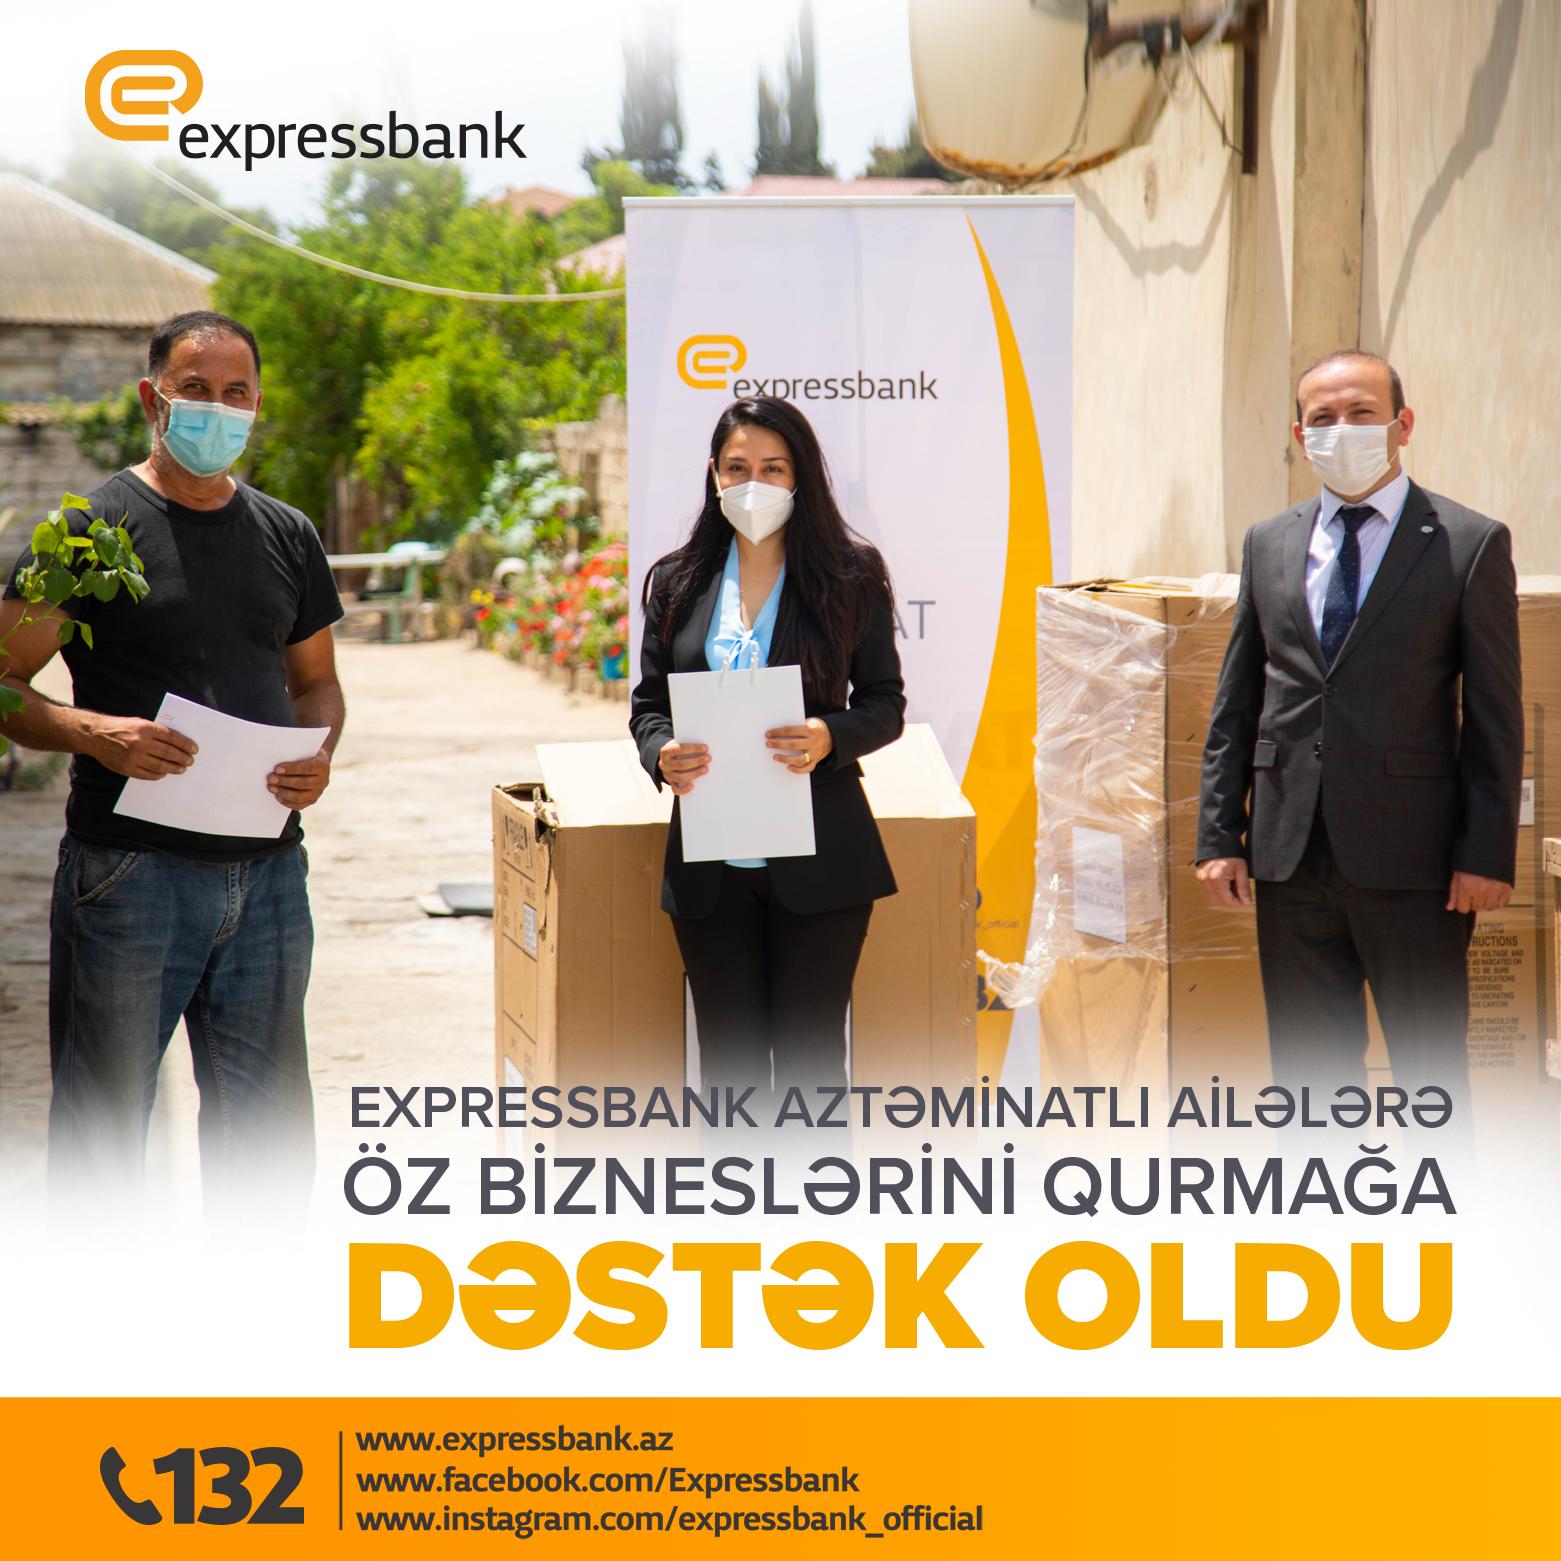 Expressbank aztəminatlı ailələrə dəstək göstərməyə davam edir!